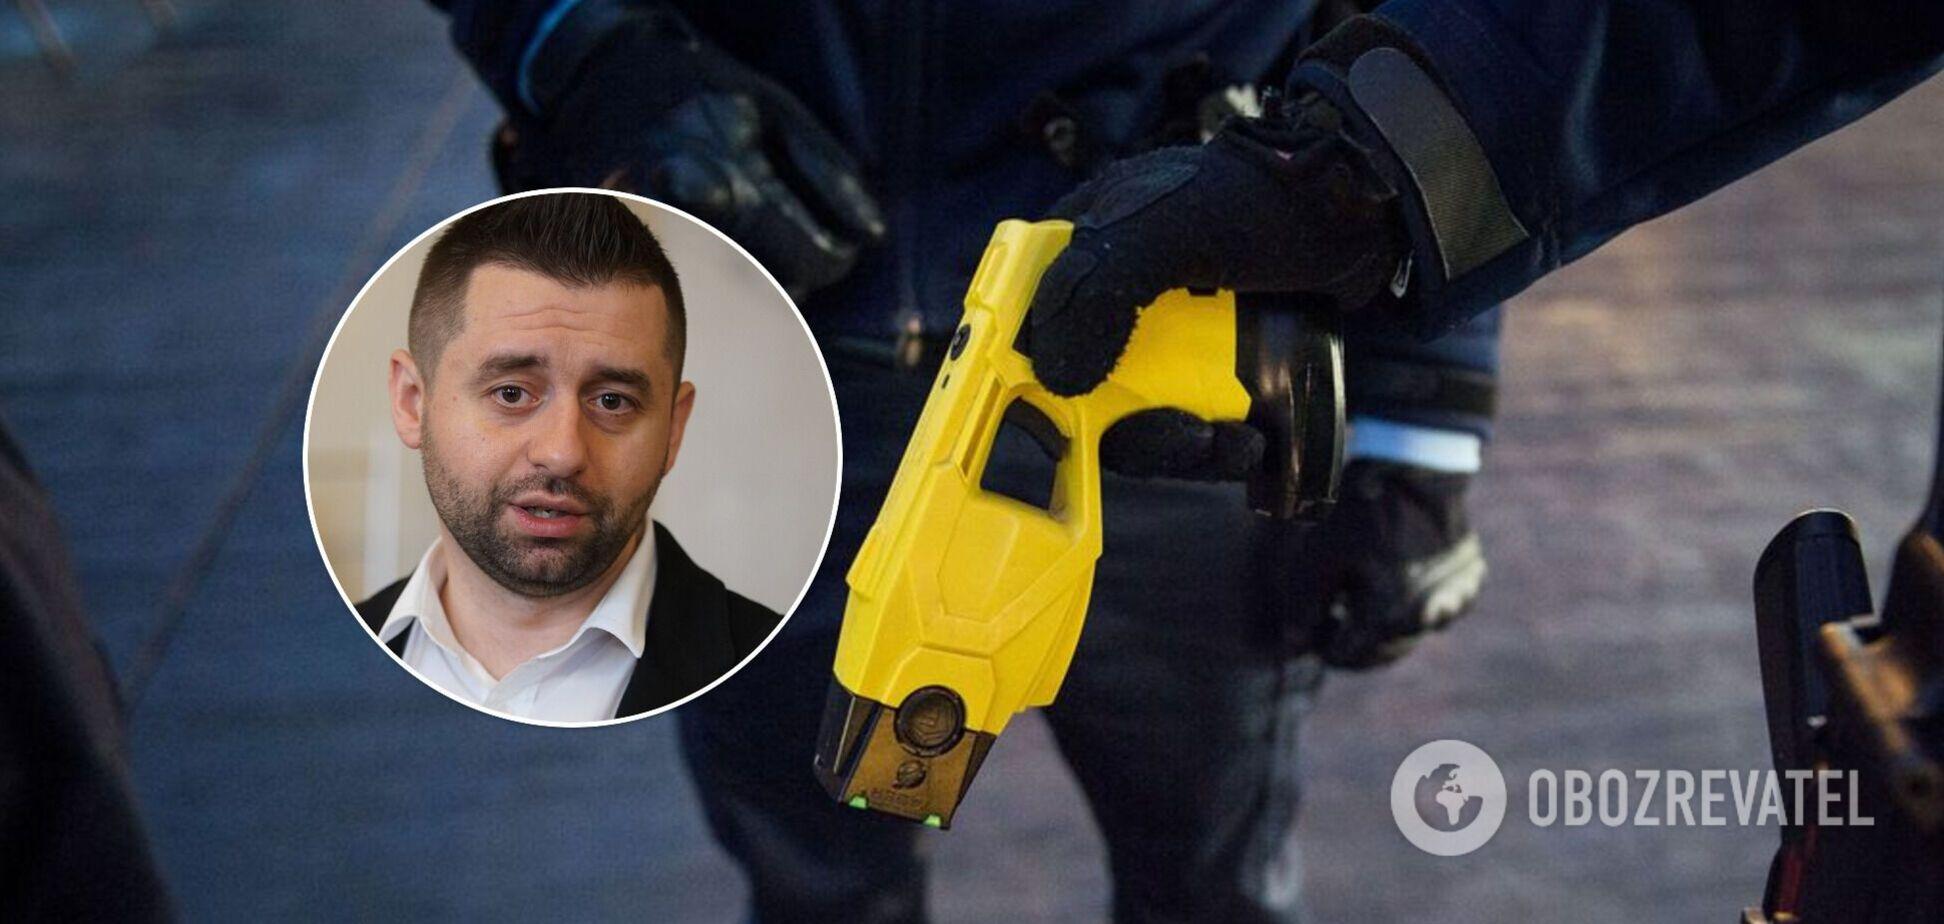 Арахамія пообіцяв, що електрошокери обов'язково дозволять застосовувати поліції